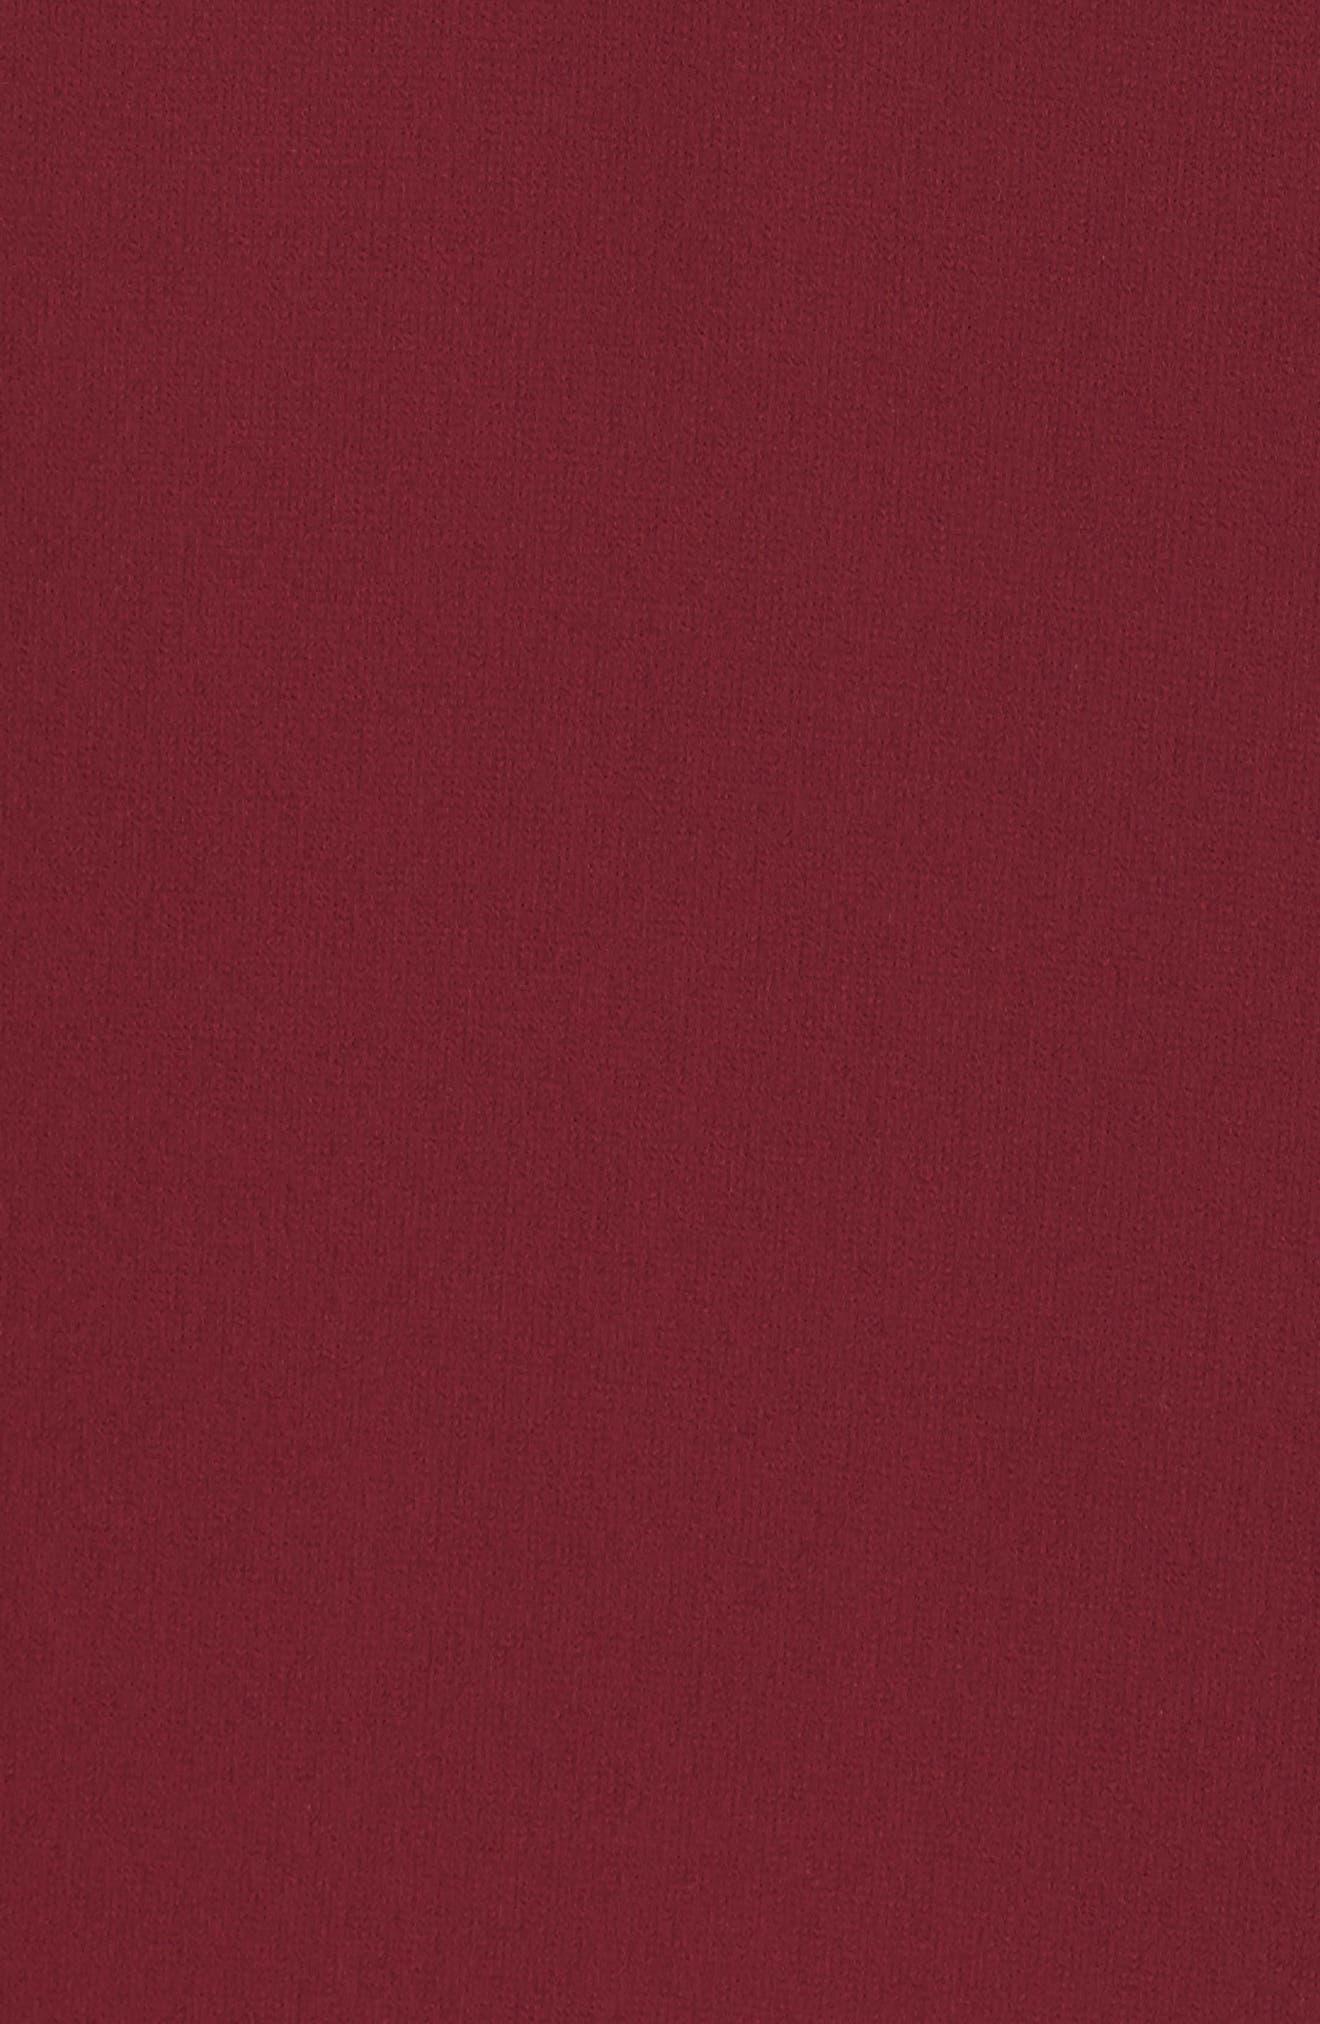 Ruffled Georgette Skirt,                             Alternate thumbnail 5, color,                             Burgundy